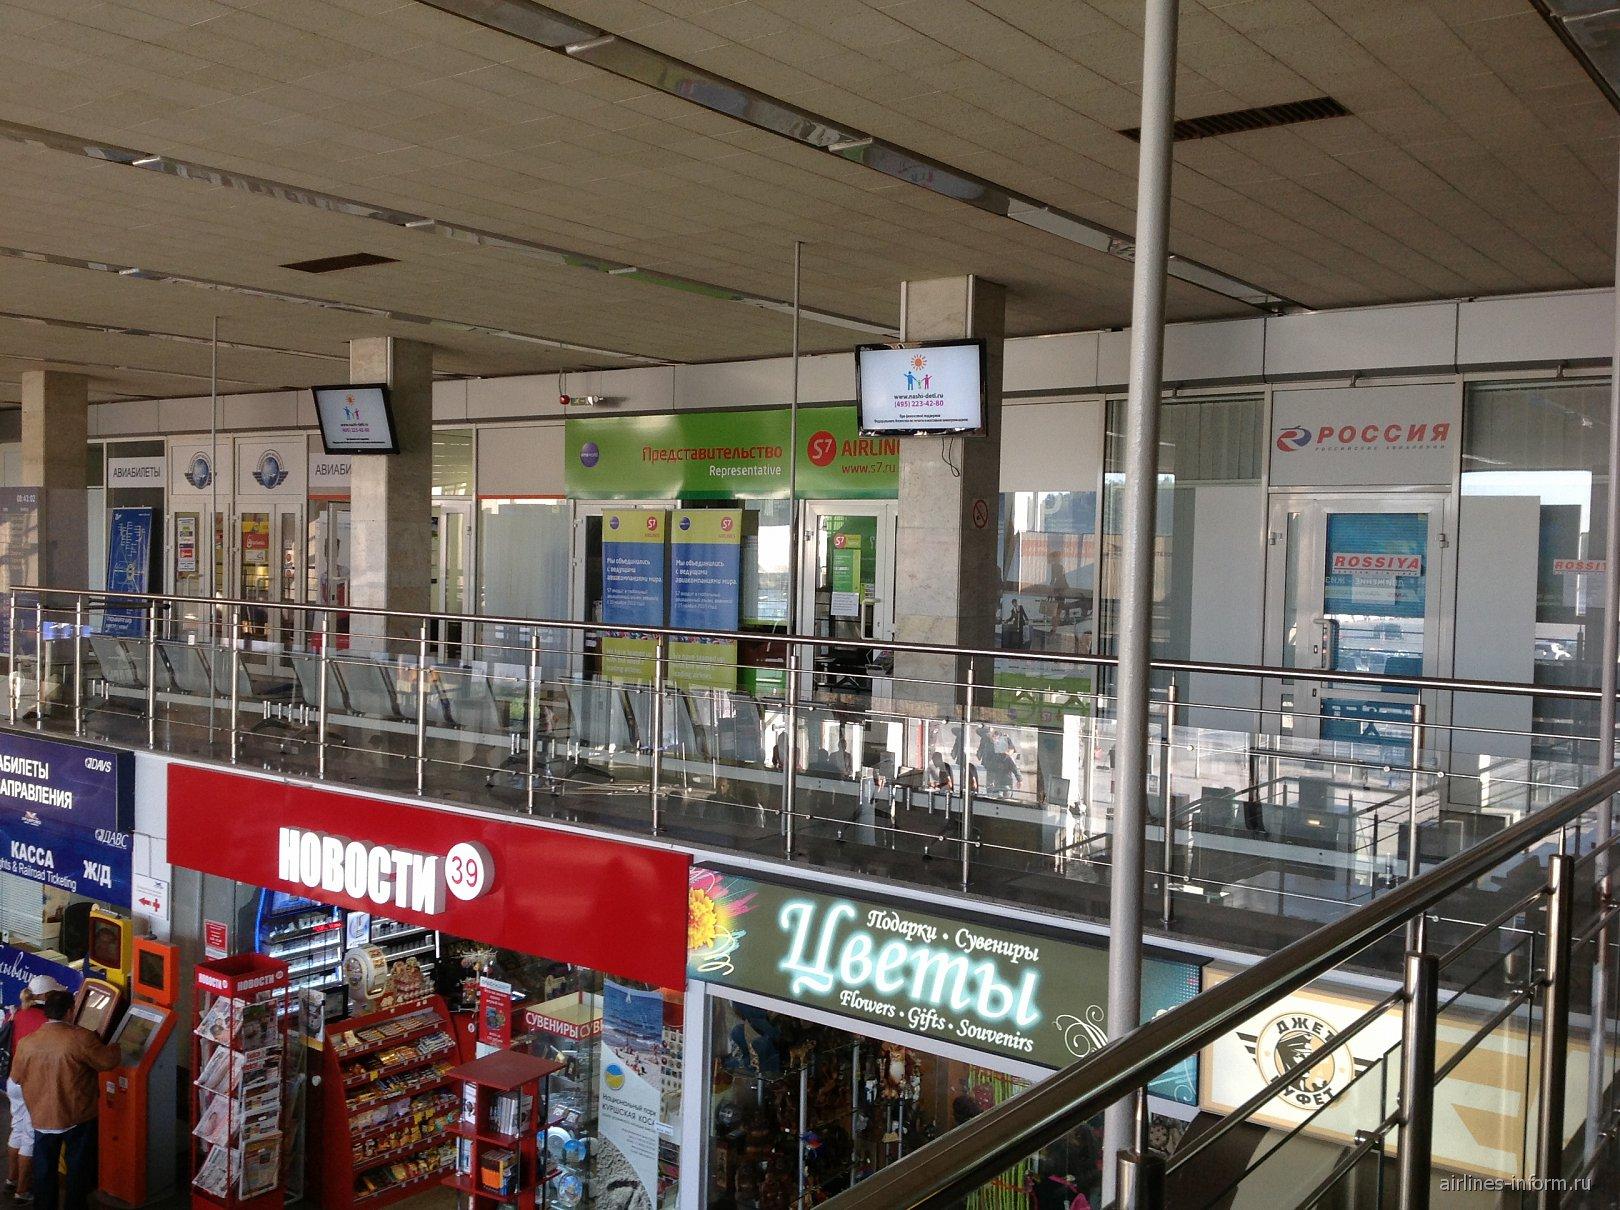 Представительства авиакомпаний в аэропорту Храброво в Калининграде